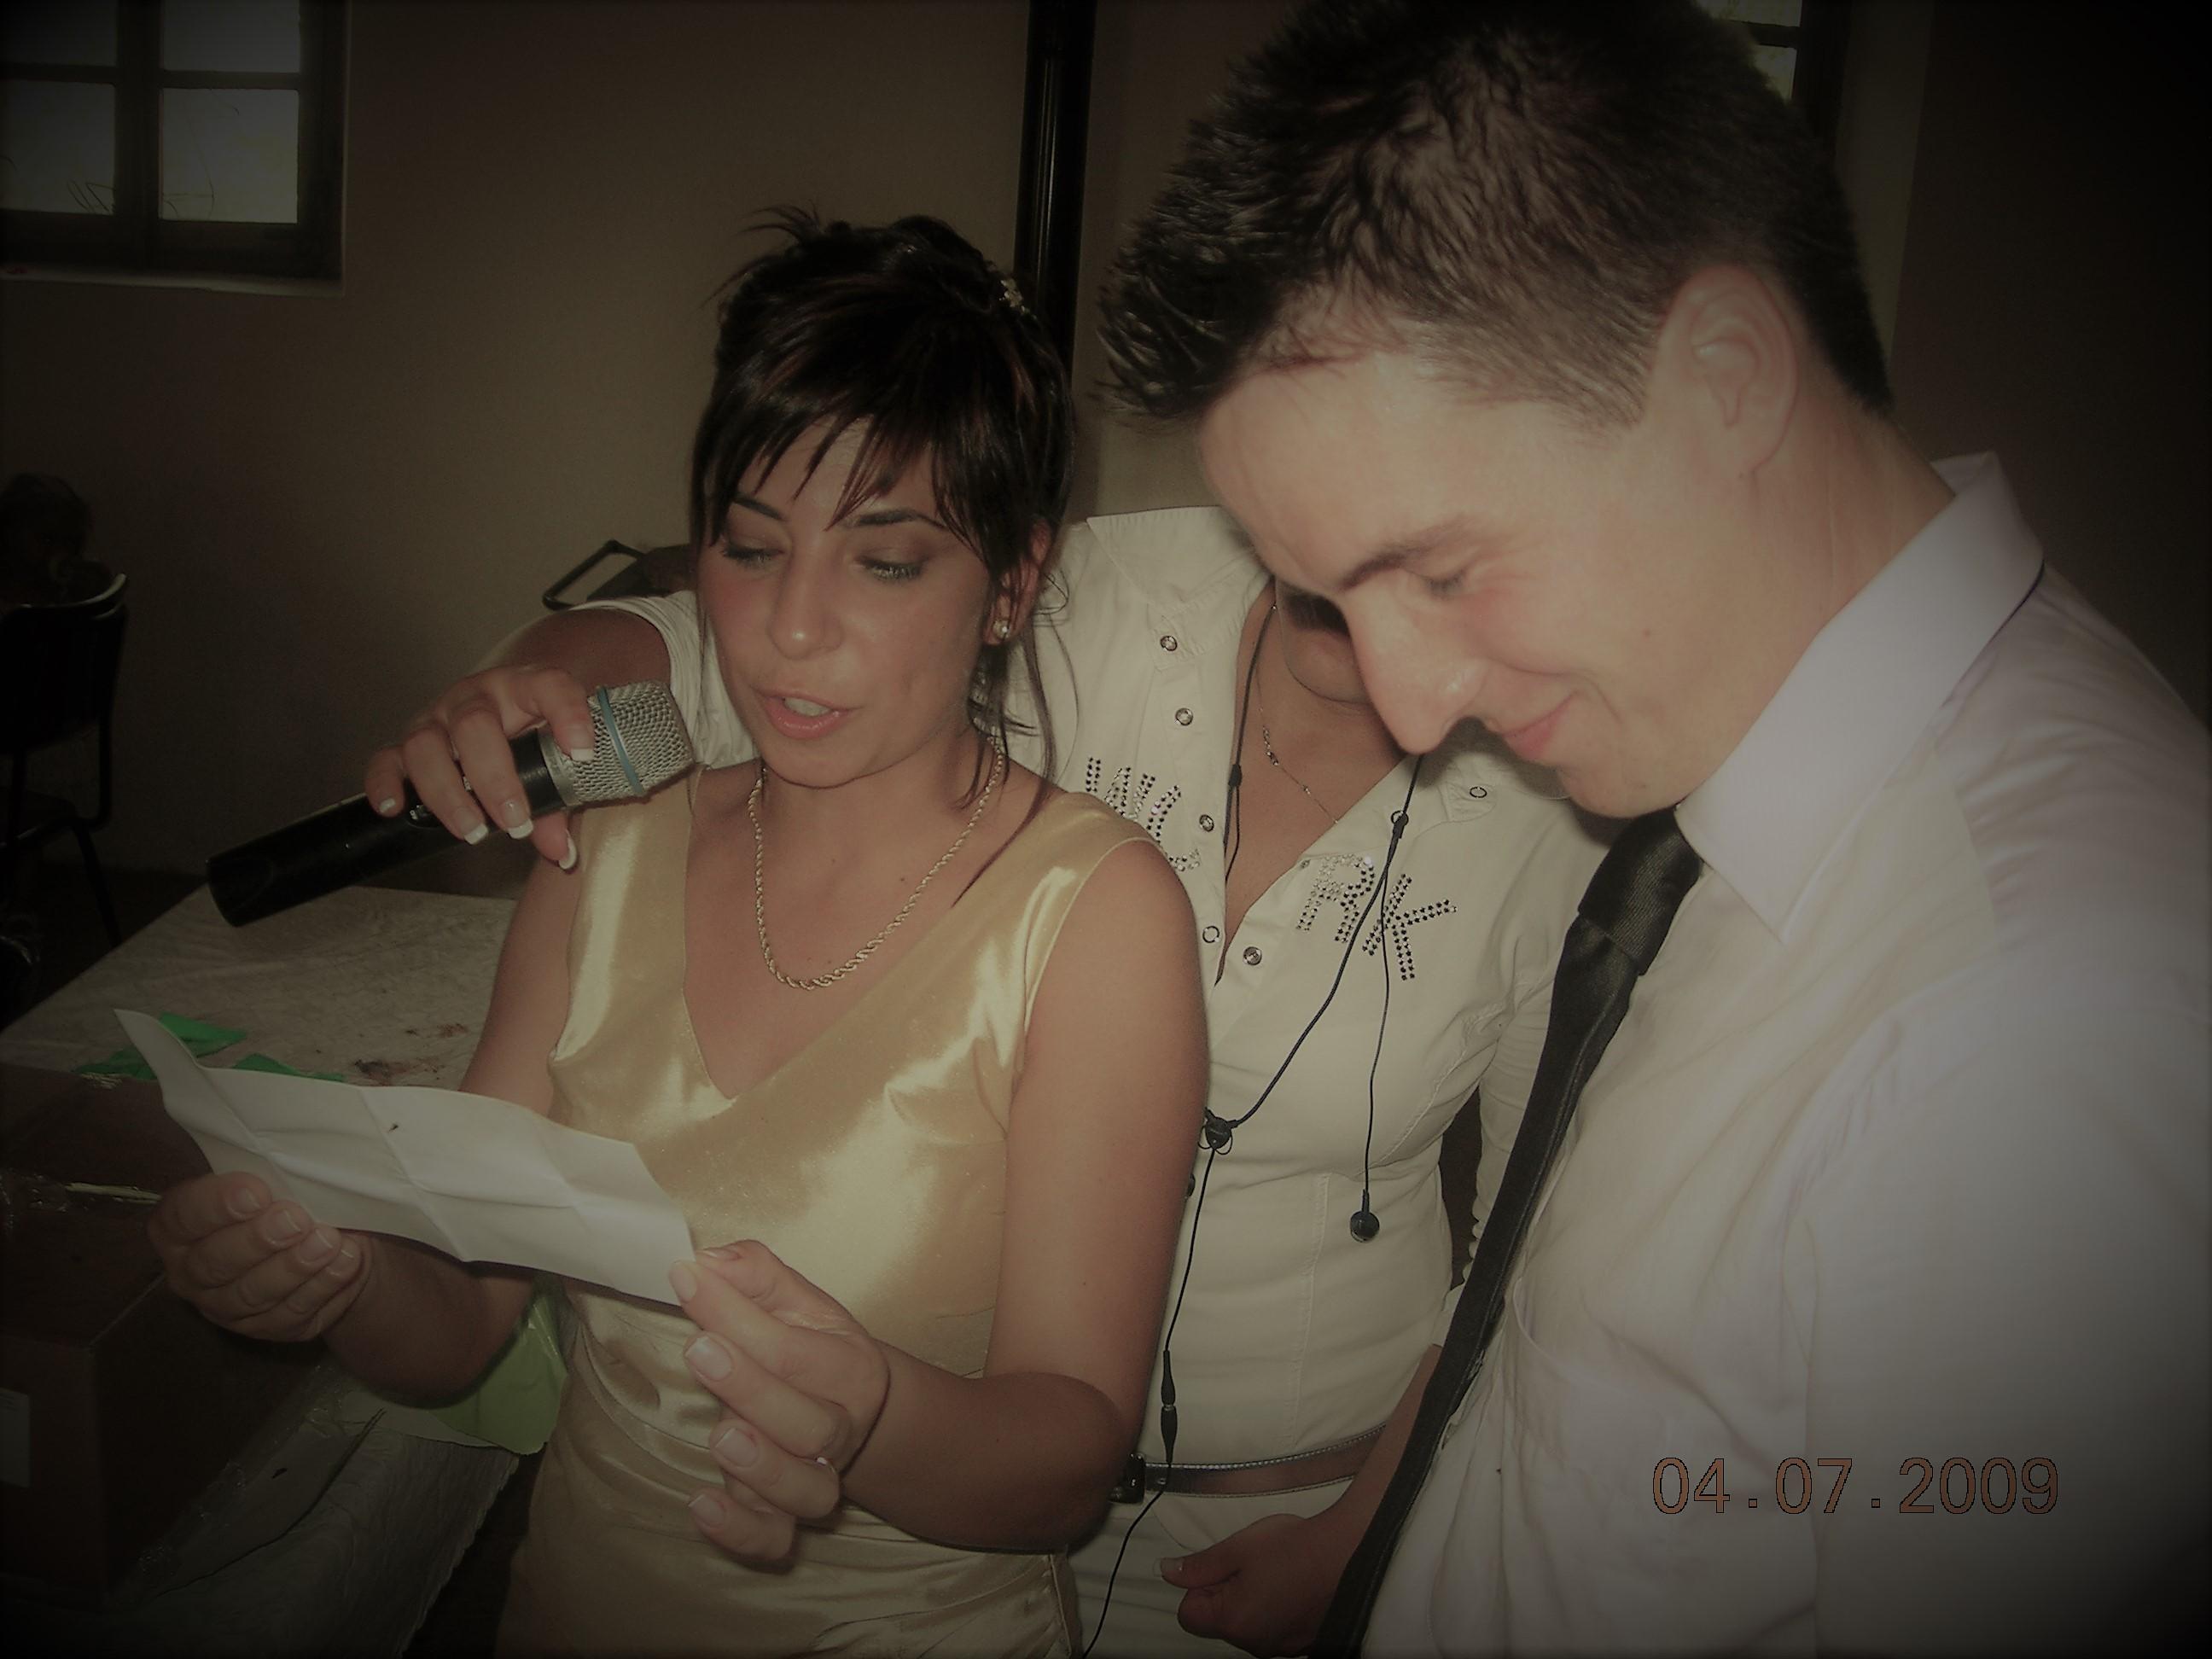 Oscar e Emanuela 04.07.2009 - 111.JPG